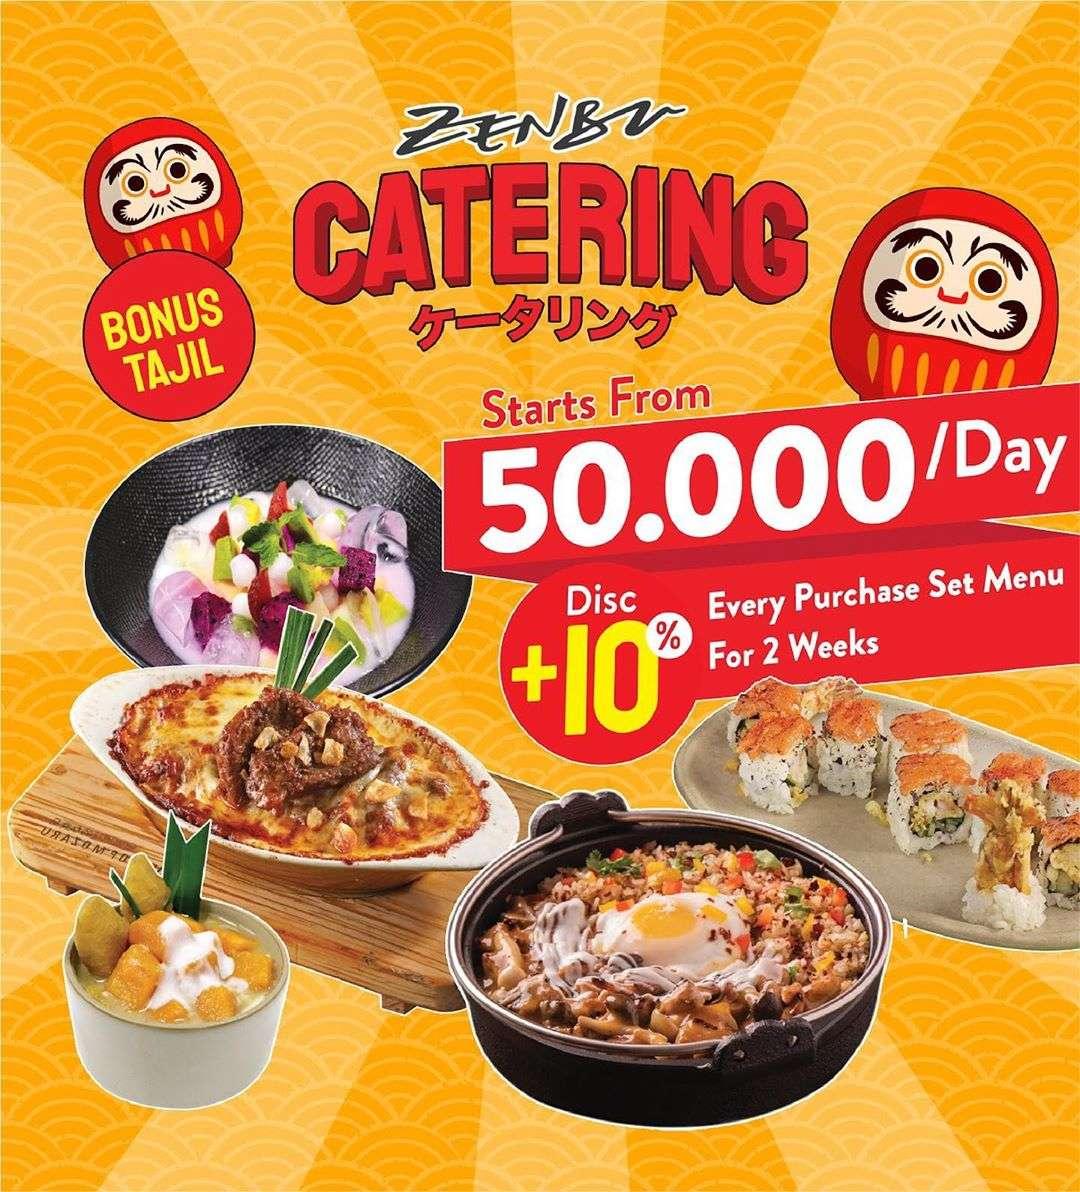 Diskon Zenbu Promo Menu Catering Dengan Harga Mulai Dari Rp. 50.000/Hari + Diskon 10% / 2 Minggu